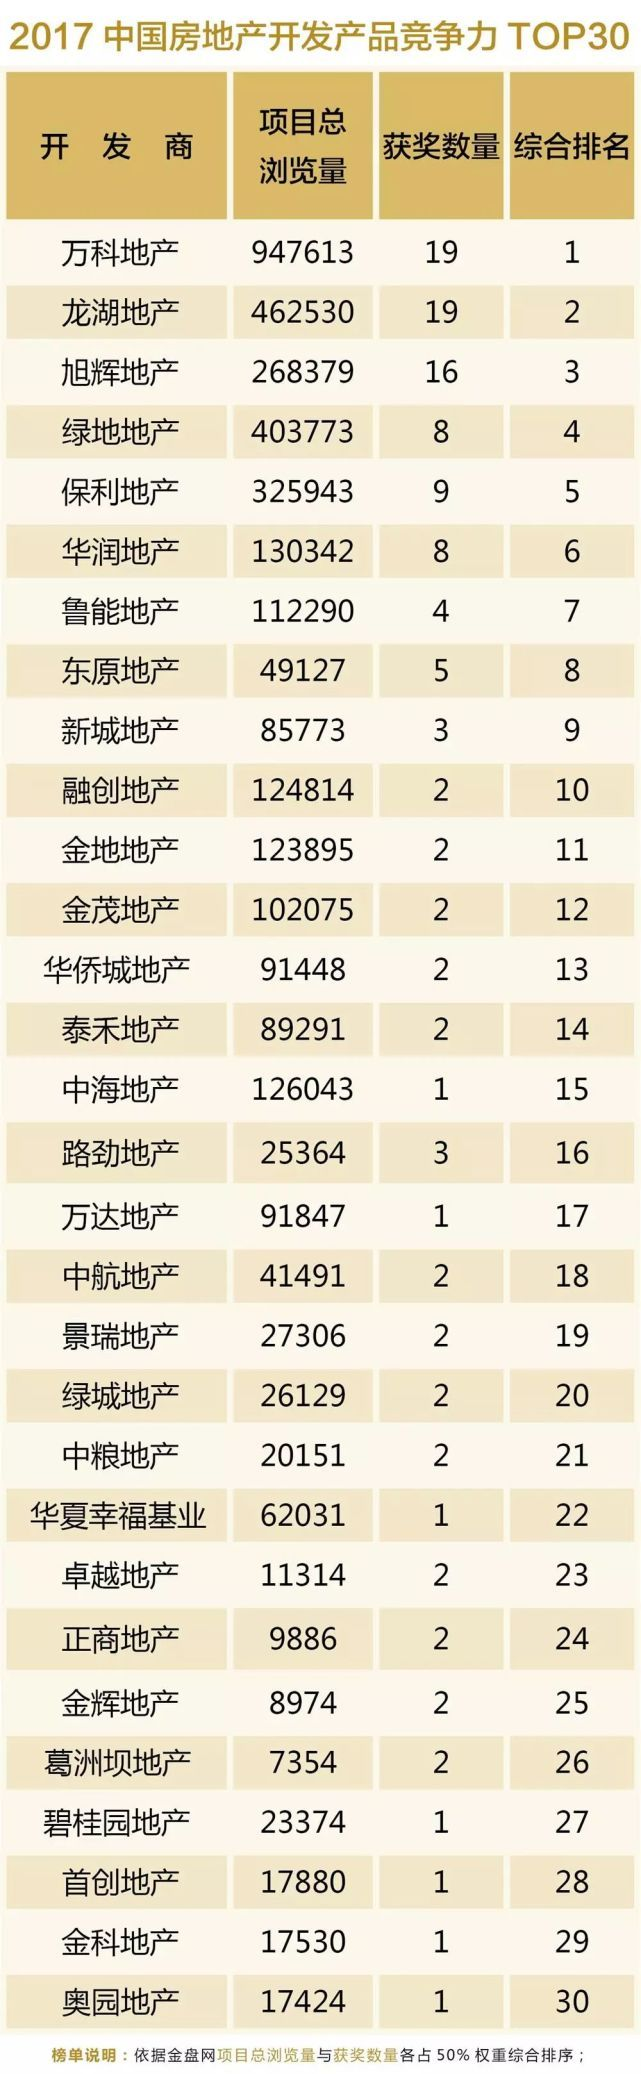 2017中国房地产开发产品竞争力TOP30